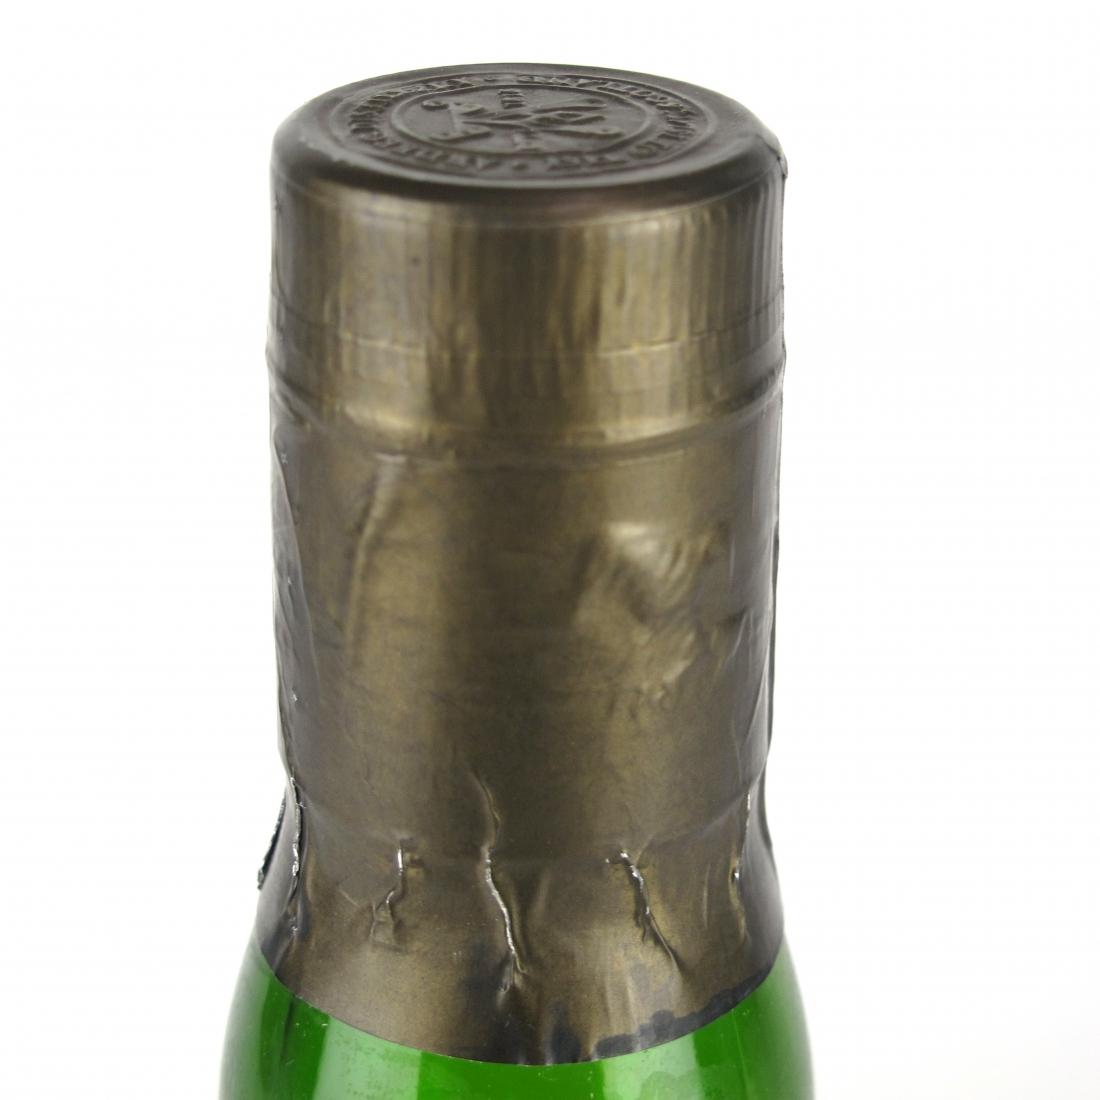 Ardbeg 1990 Cask Strength Bottled 2004 / Japanese Import